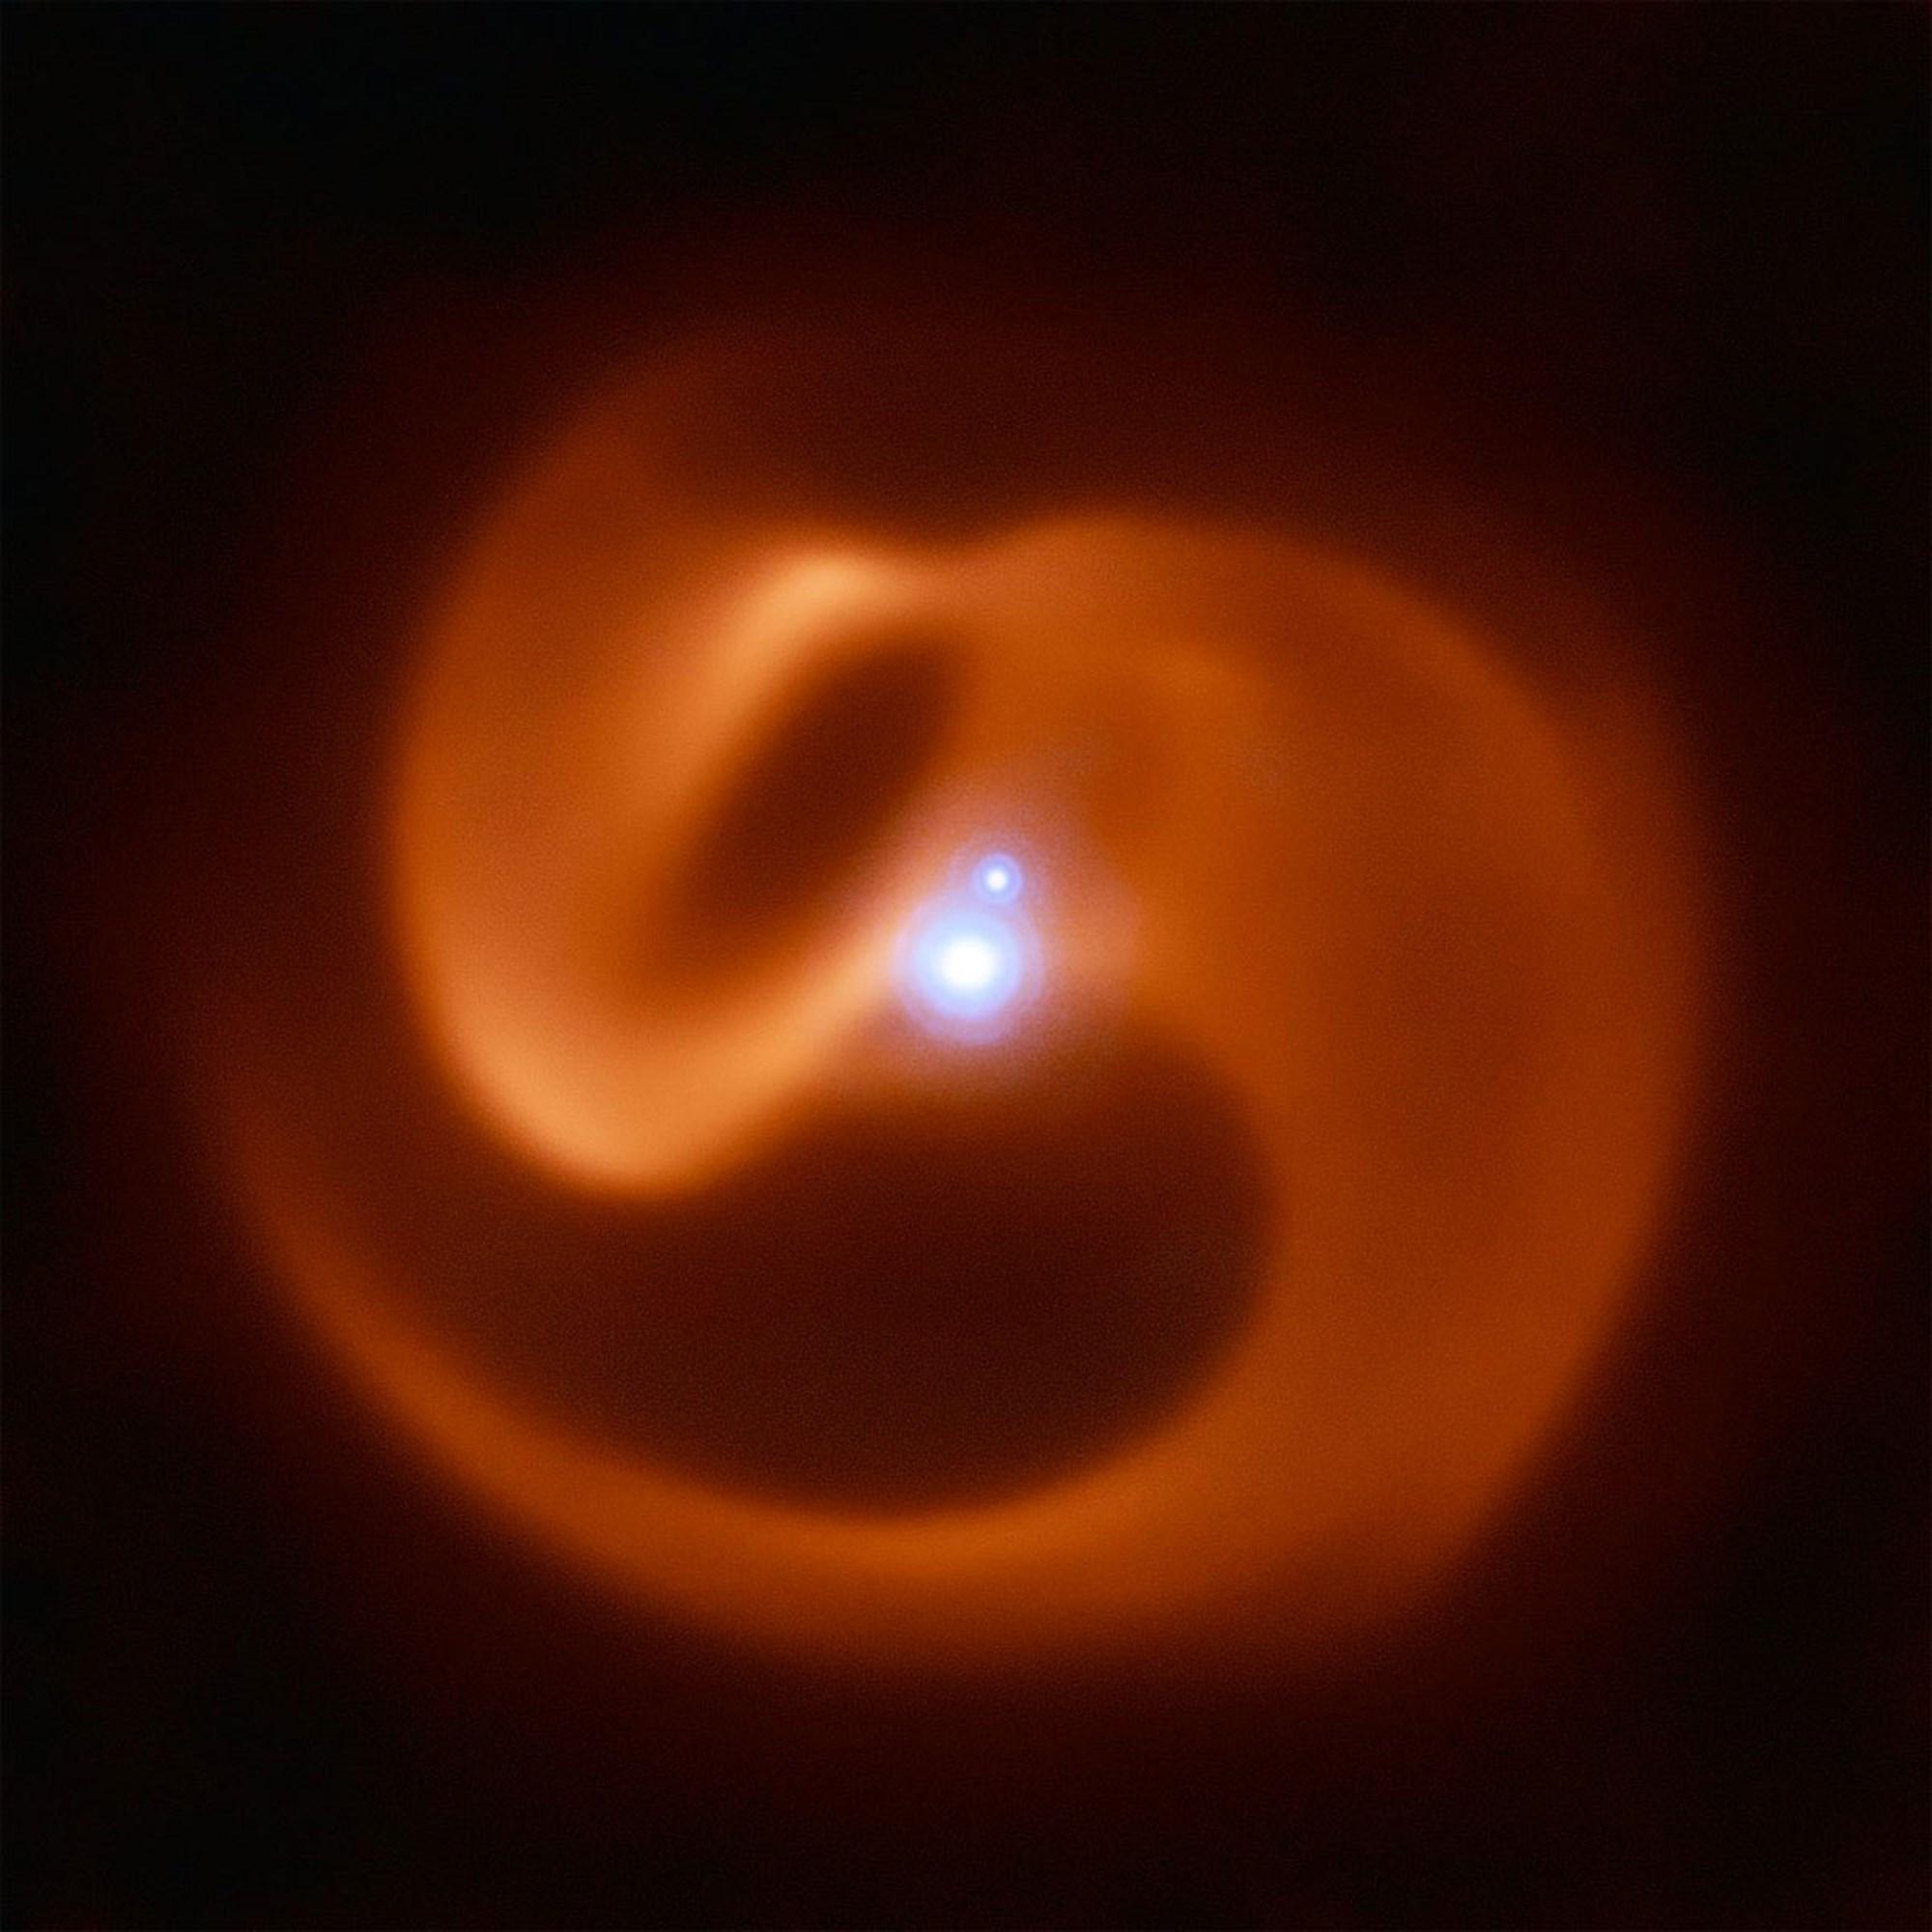 Kosmische Schlange als Vorläufer eines welterschütternden Blitzes